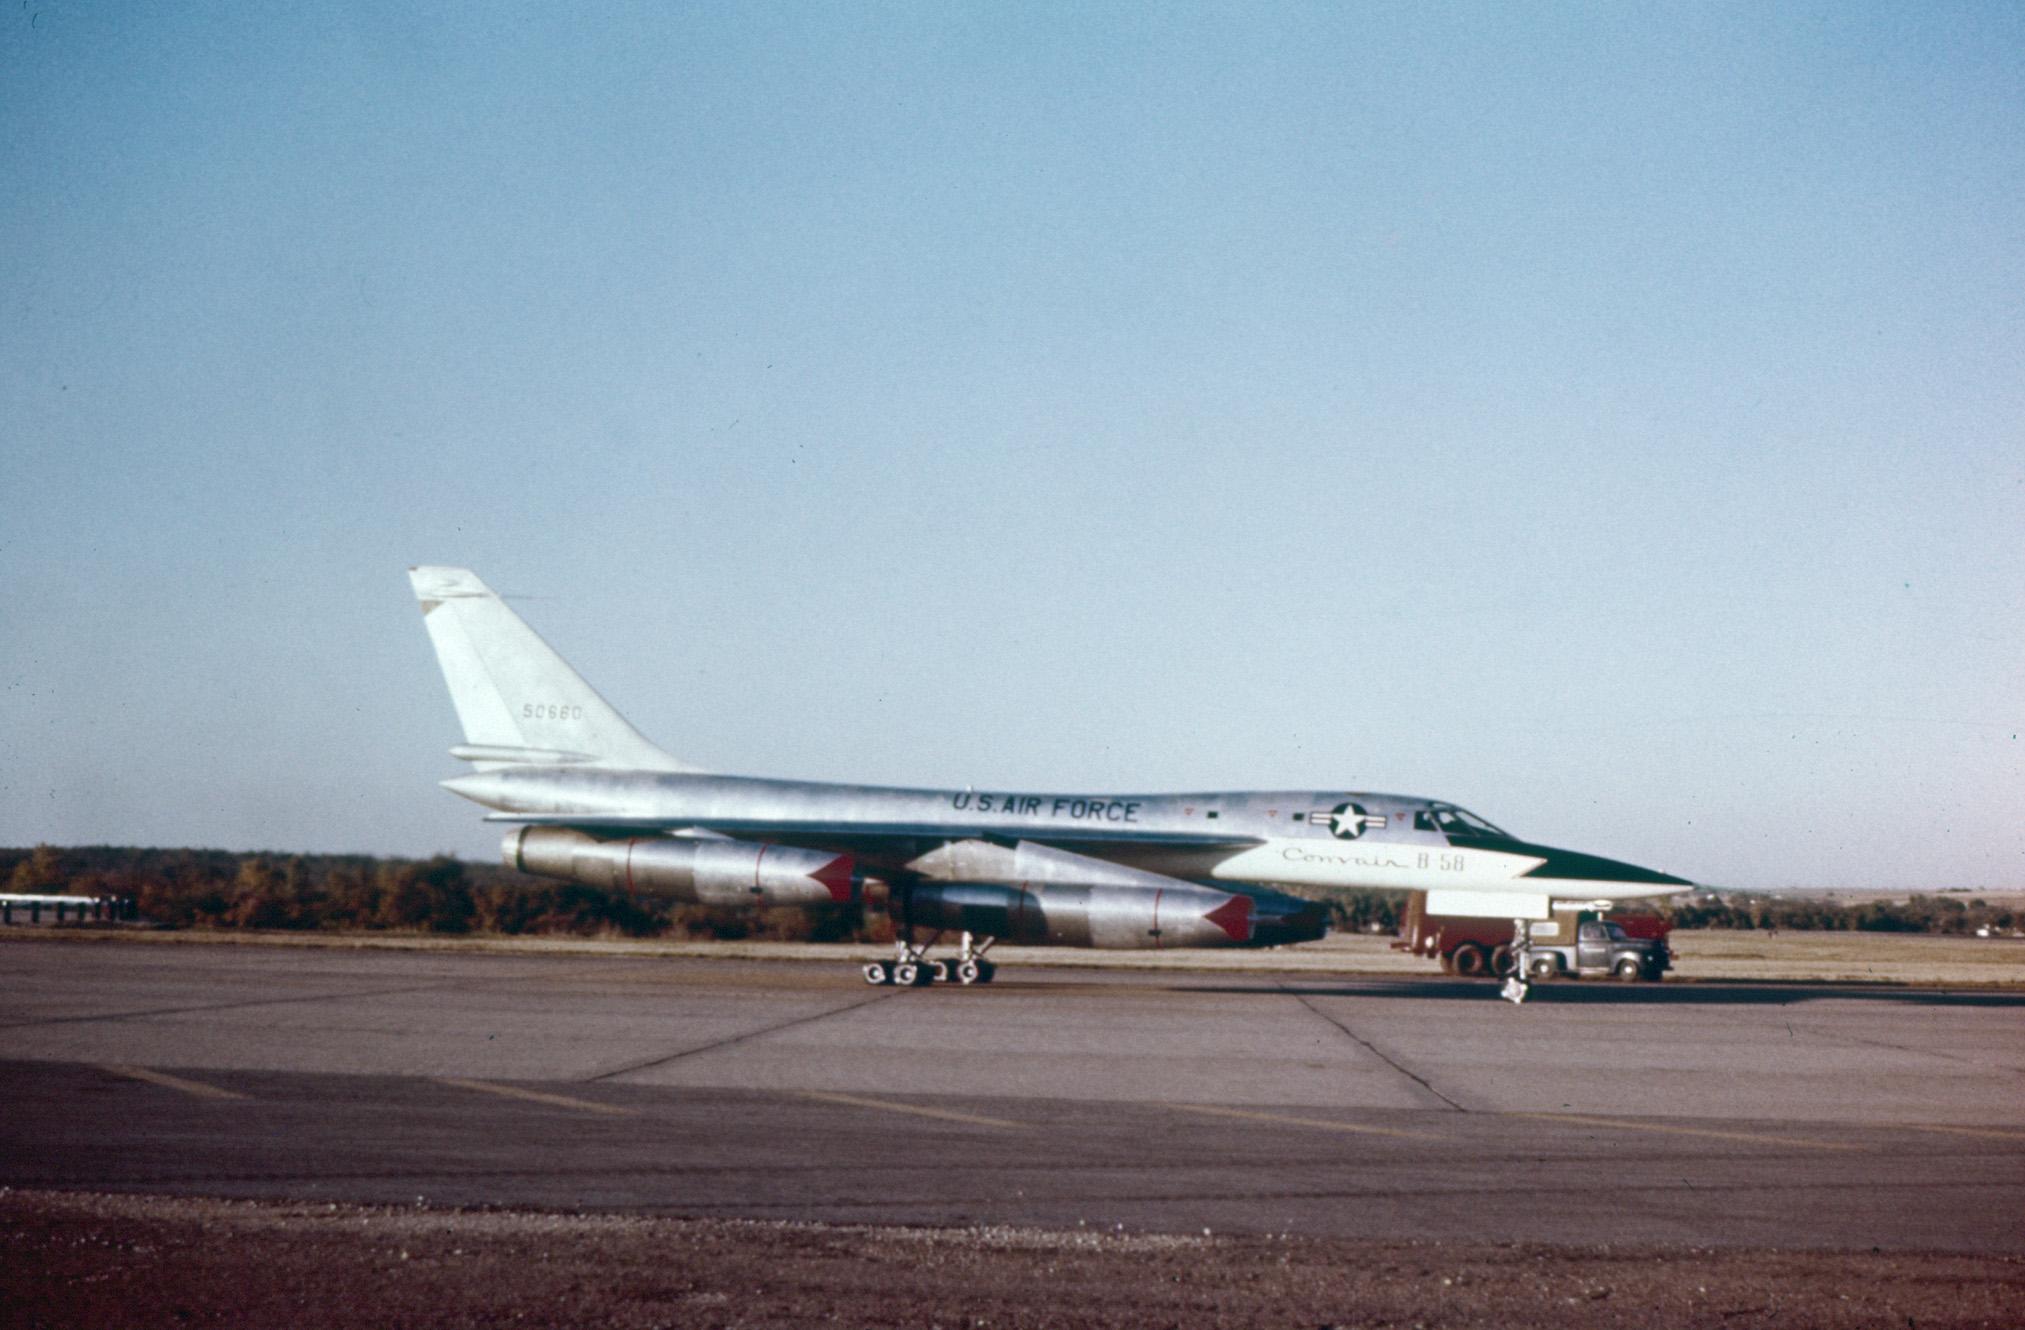 B-58 Hustler Long Range Bomber